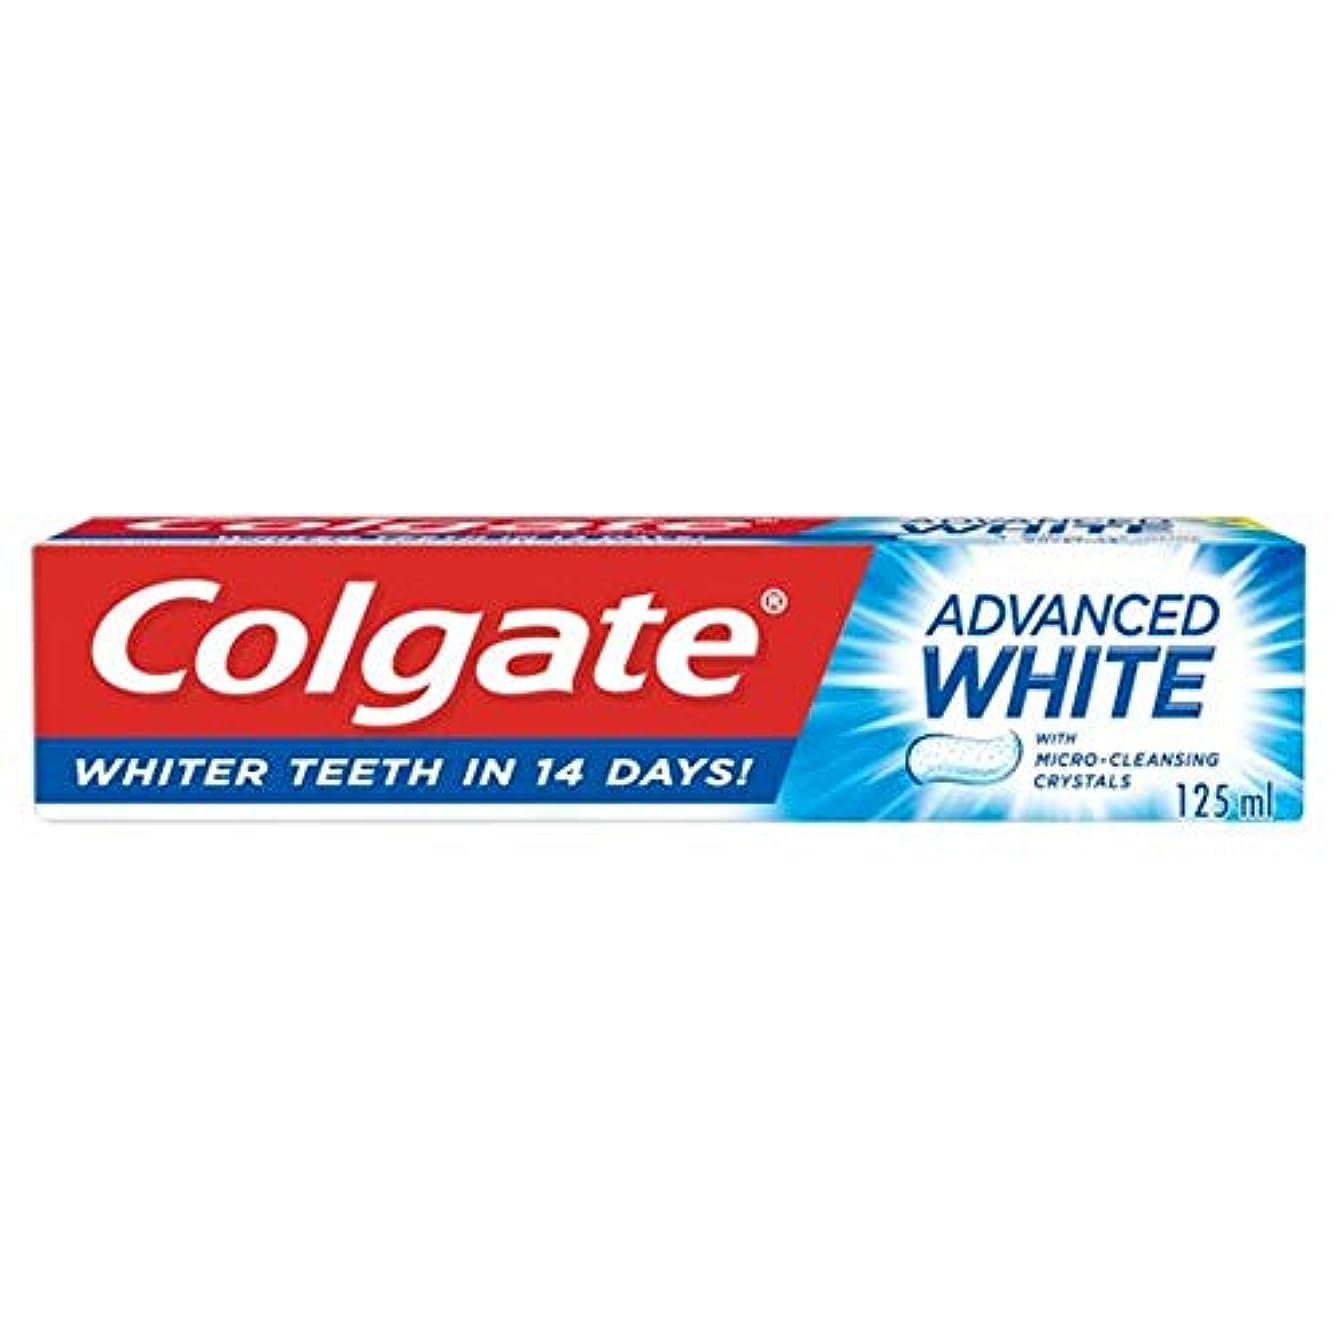 警報レトルトスムーズに[Colgate ] コルゲート高度な白い歯磨き粉の125ミリリットル - Colgate Advanced White Toothpaste 125Ml [並行輸入品]